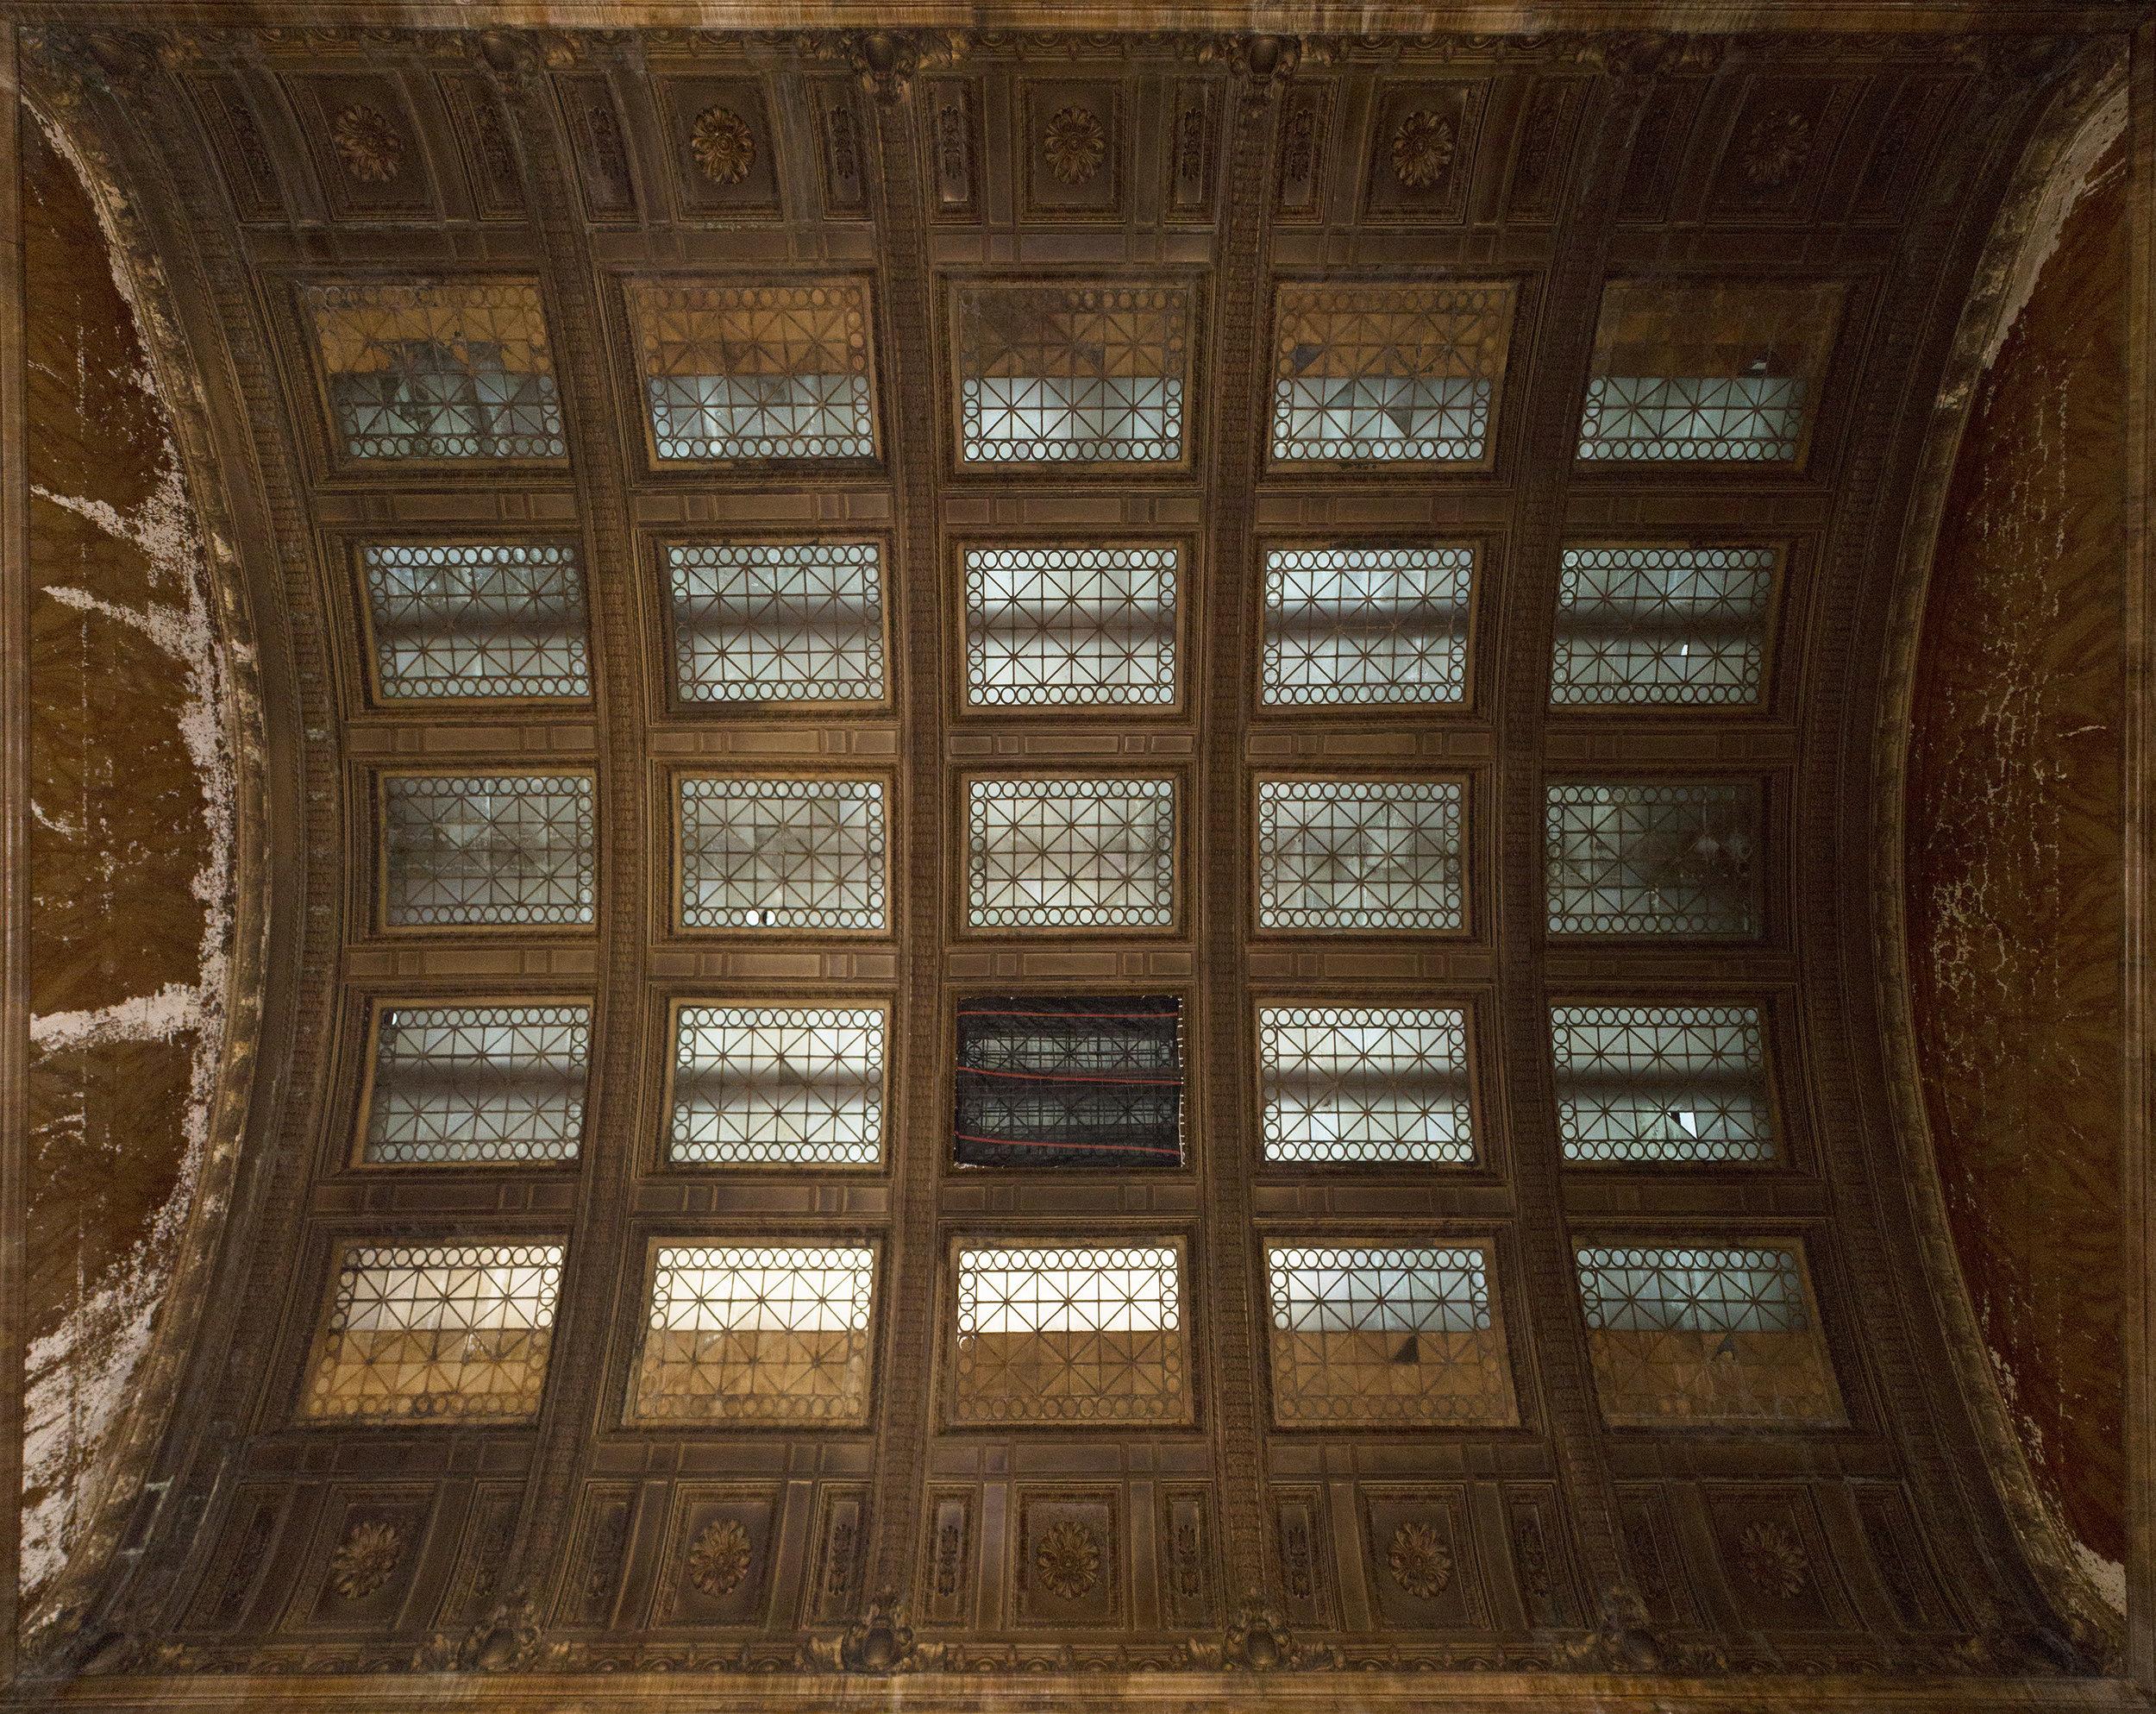 The skylight before repairs.